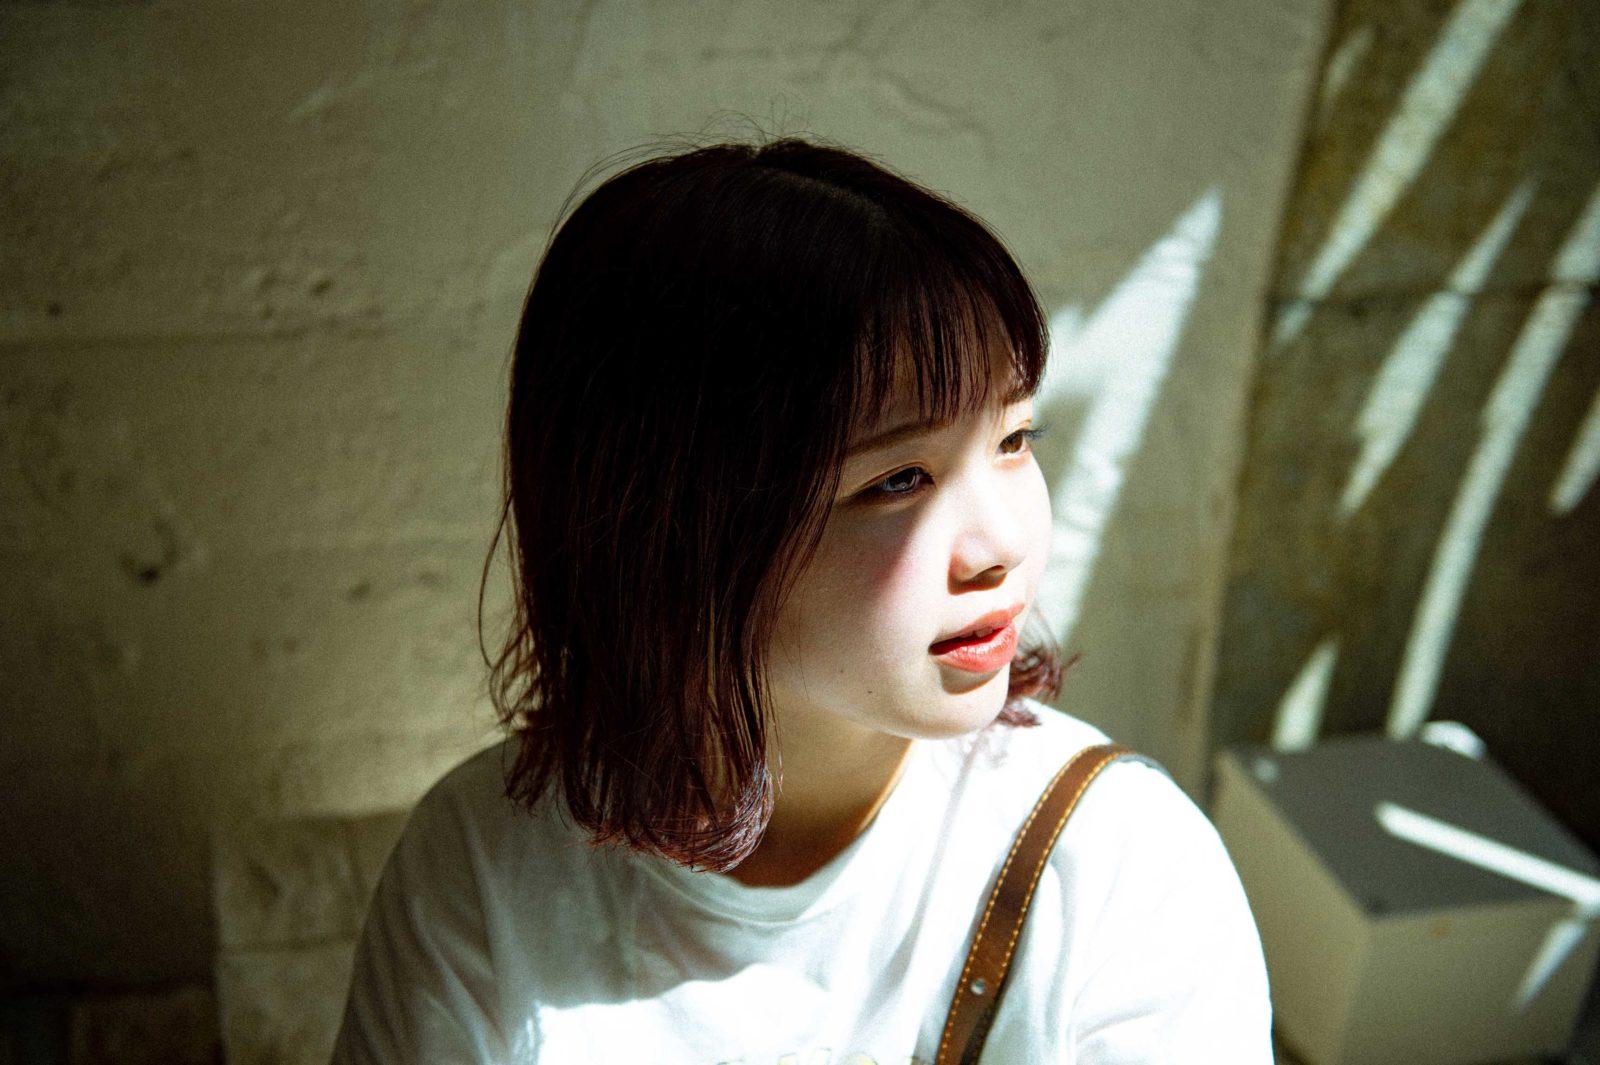 asmi、1stアルバム『bond』から「summer sour」のMV公開